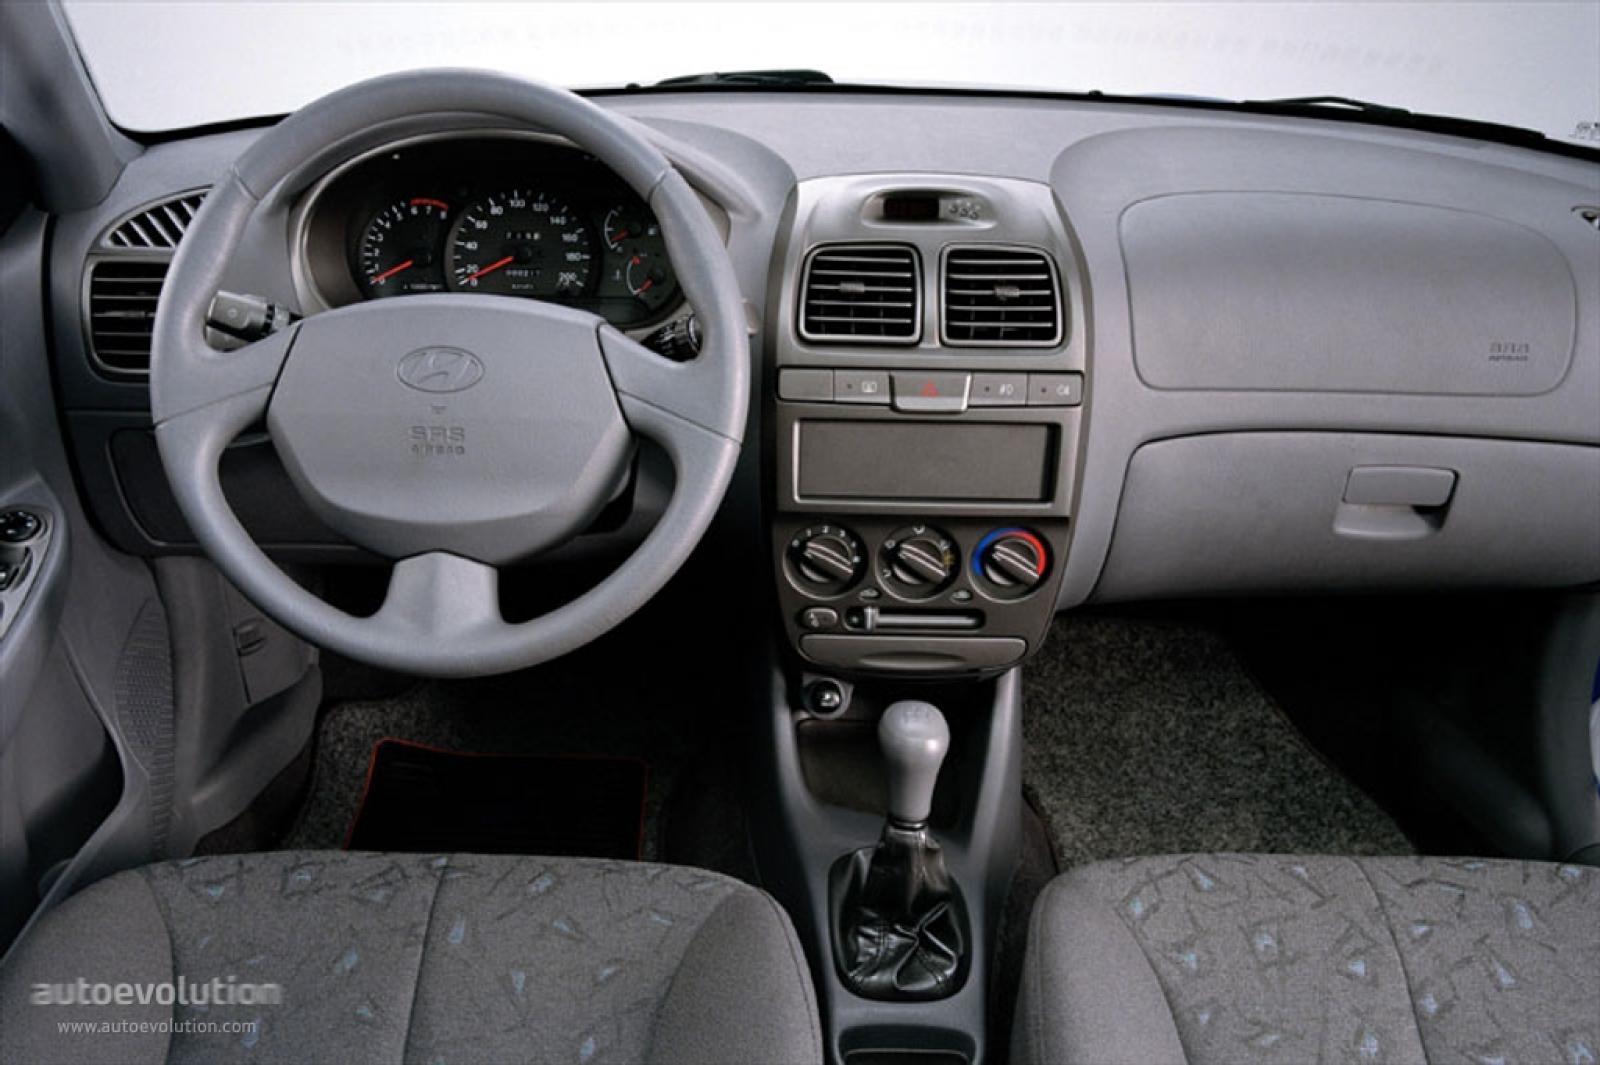 800 1024 1280 1600 Origin 1999 Hyundai Accent